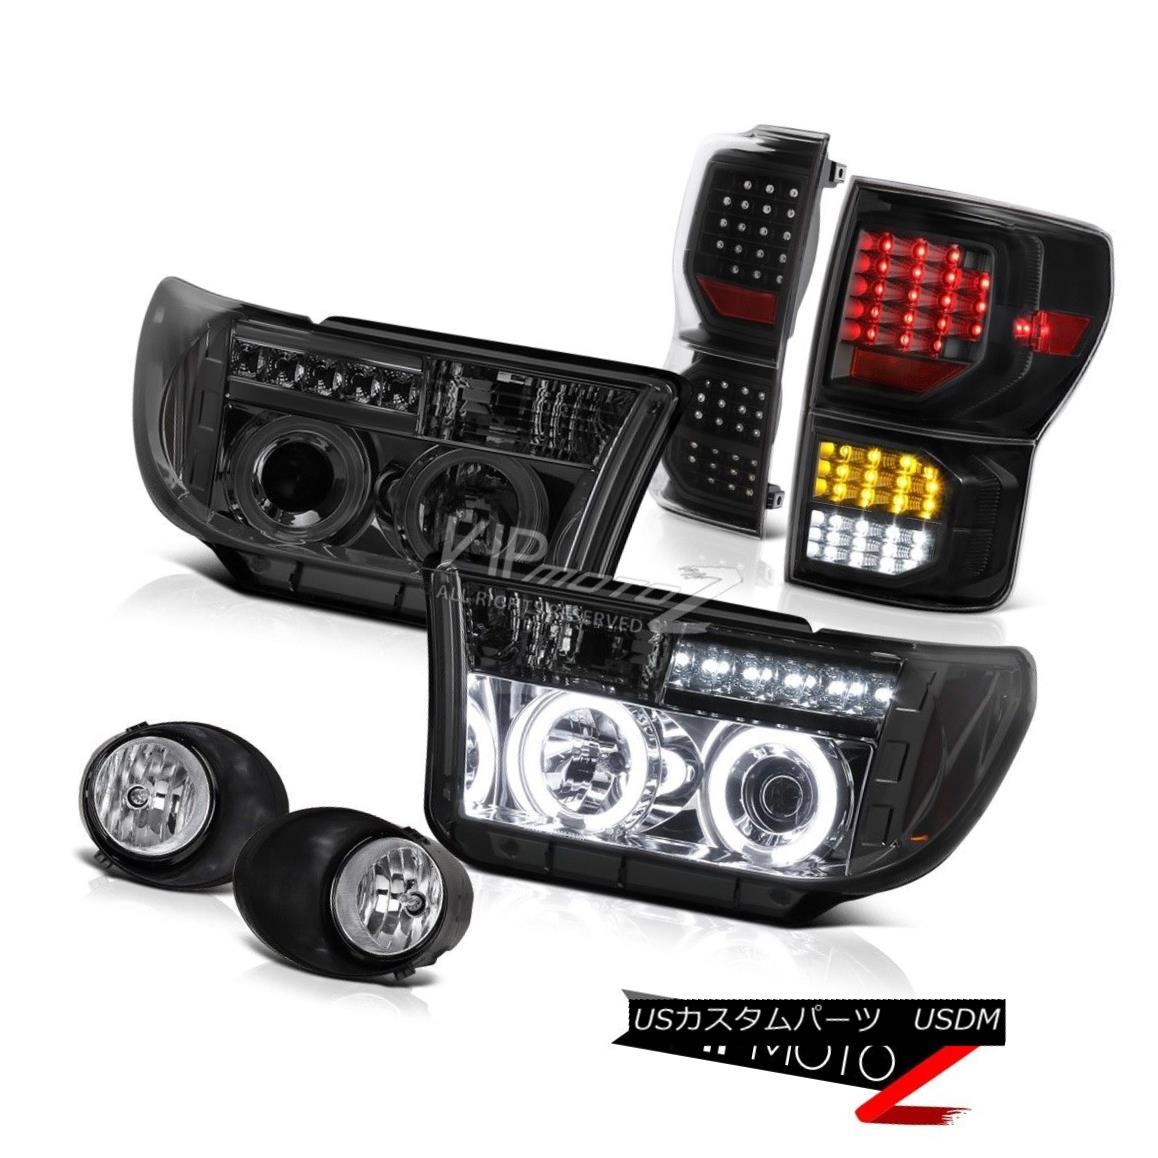 ヘッドライト 07-13 Toyota Tundra Limited Matte Black Tail Lamps Fog Lights Headlamps SMD Cool 07-13 Toyota Tundra LimitedマットブラックテールランプフォグライトヘッドランプSMD Cool